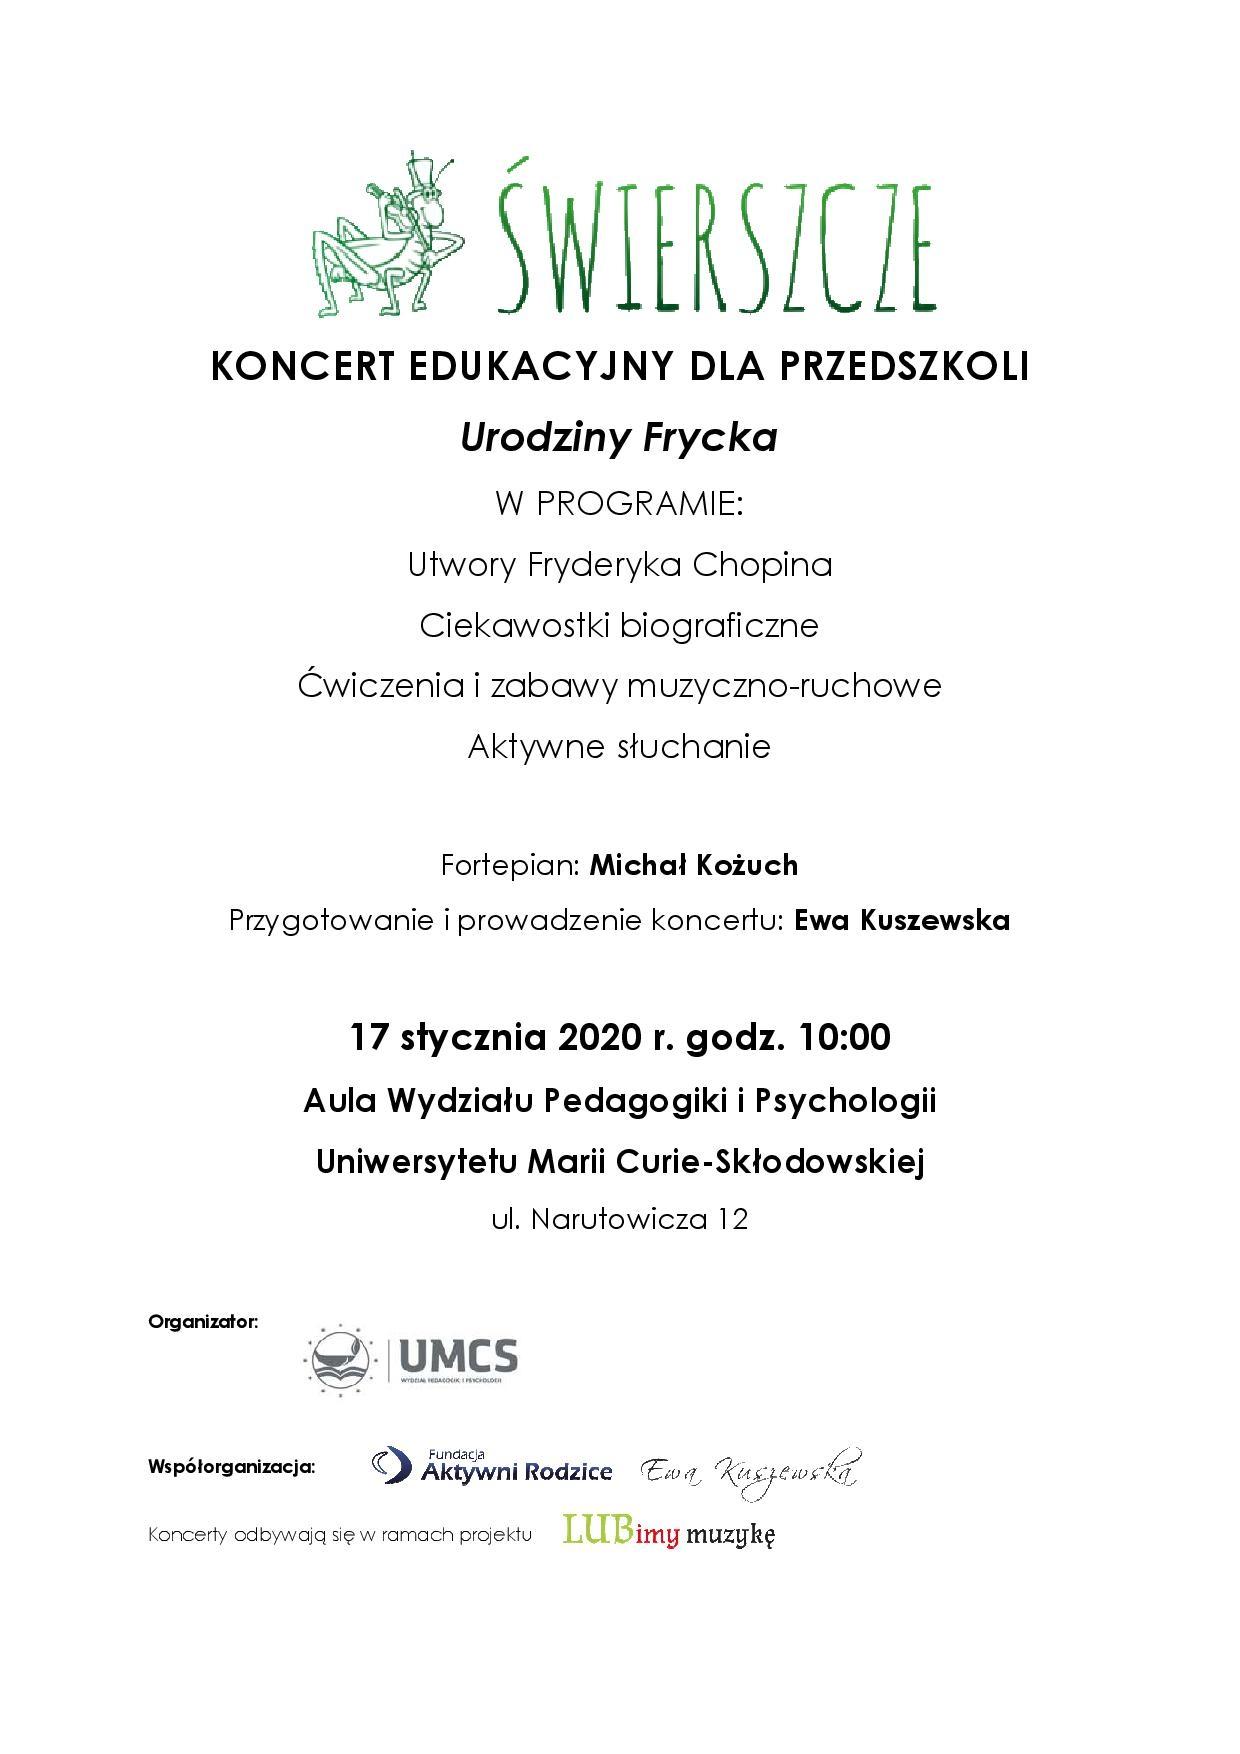 Świerszcze_UMCS_17 stycznia.jpg